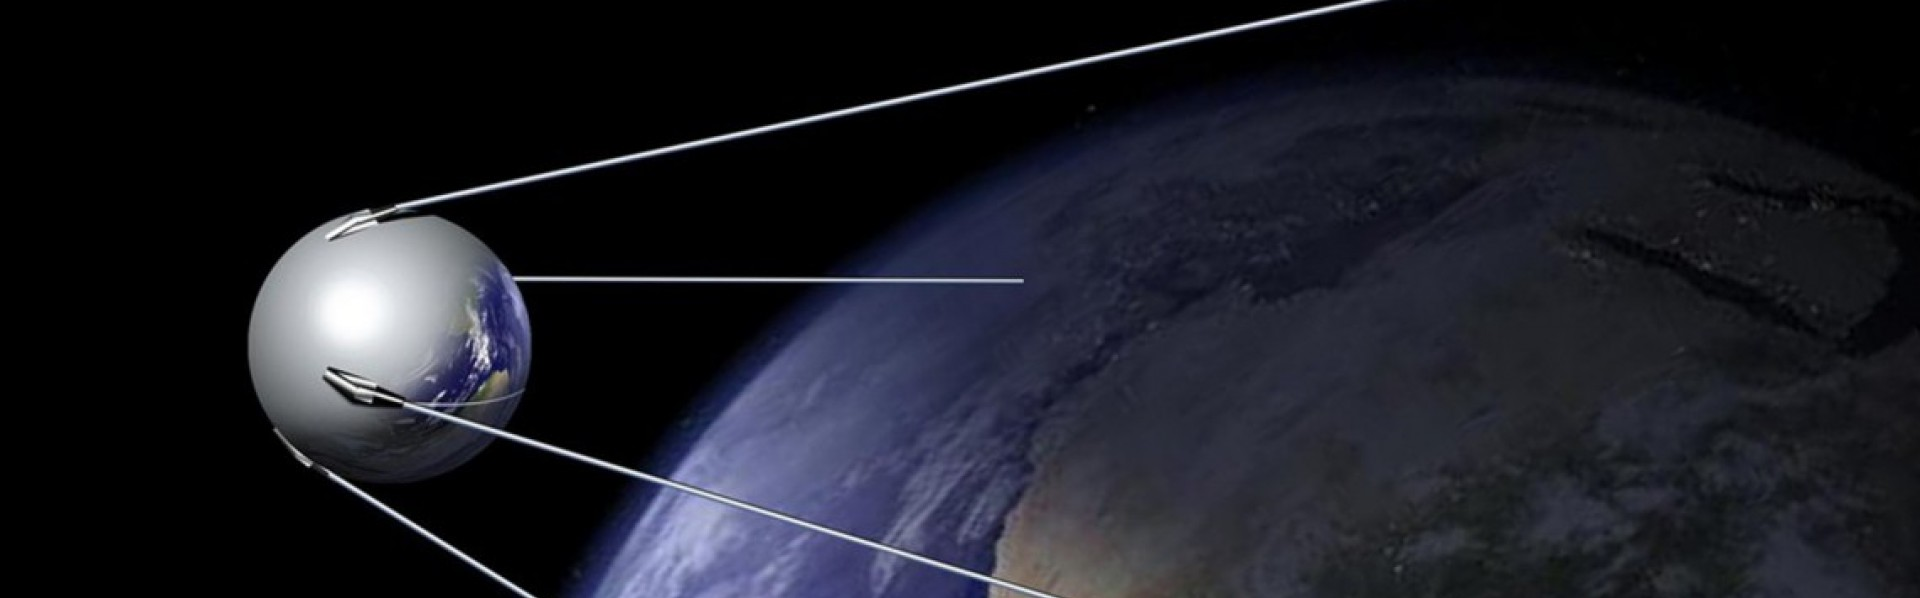 Inicio de la Era Espacial